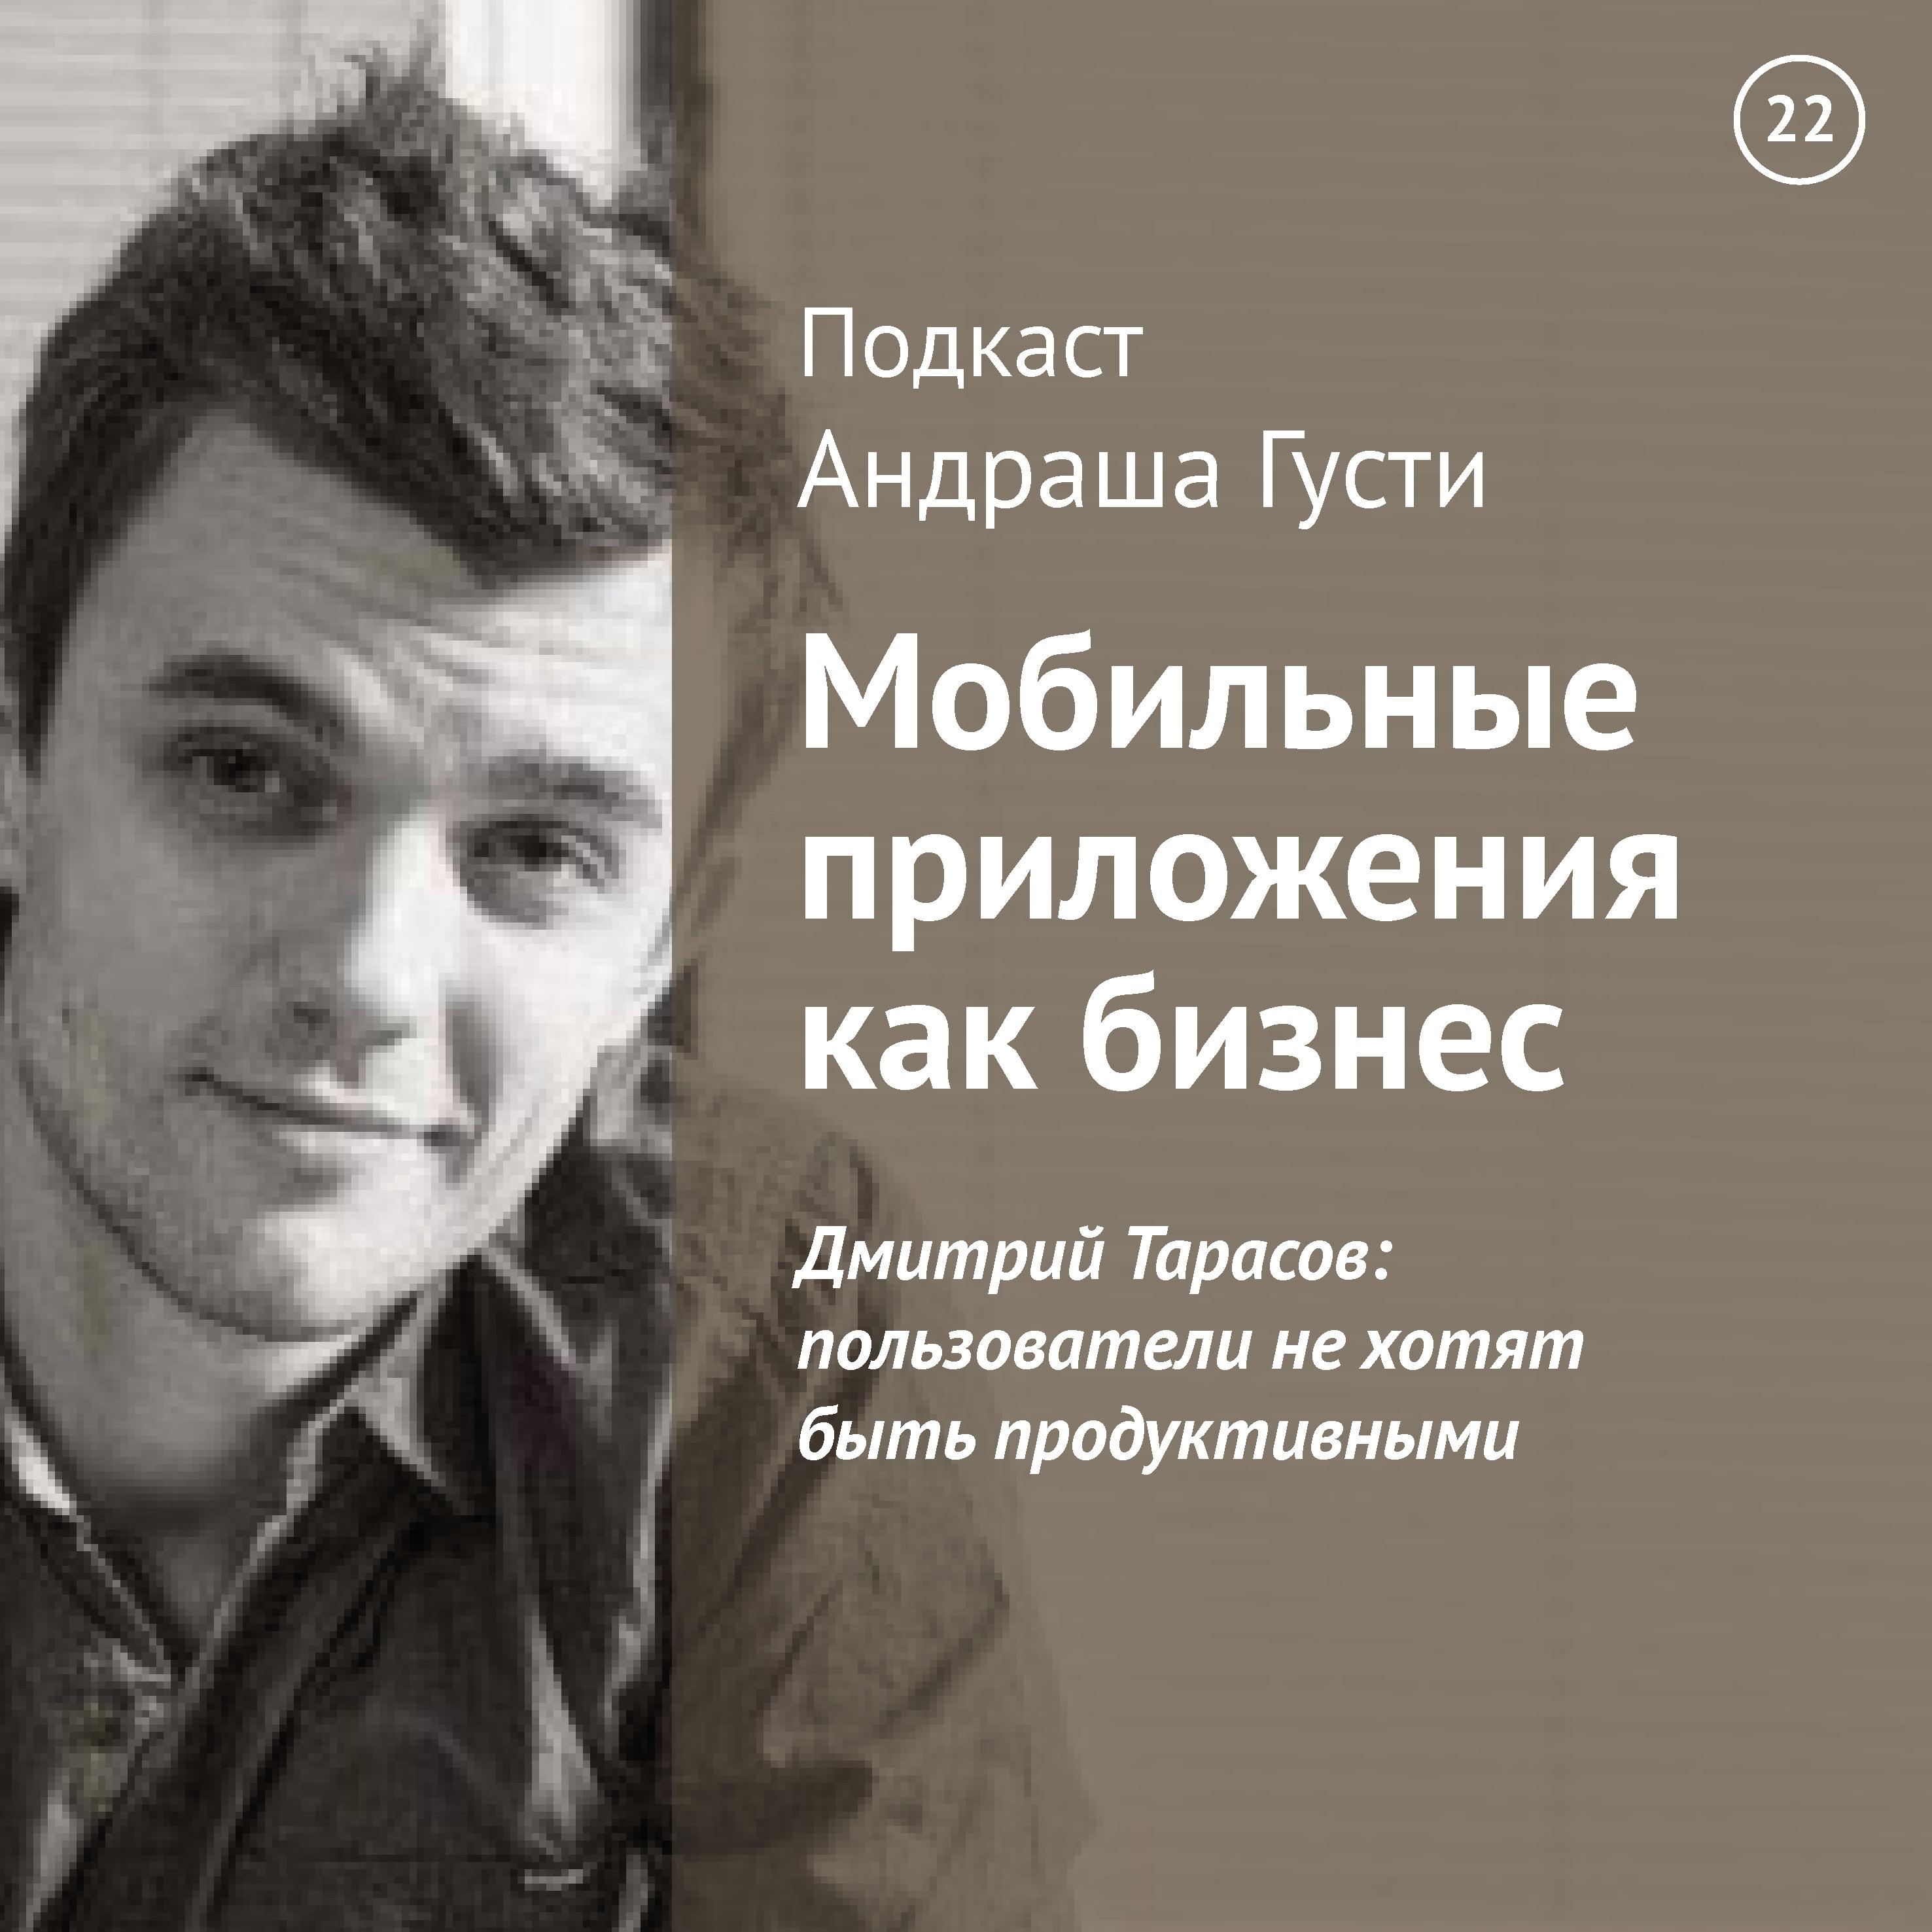 Андраш Густи Дмитрий Тарасов: пользователи не хотят быть продуктивными андраш густи инна зайченко zena apps зачем и как выходить на мобильную азию